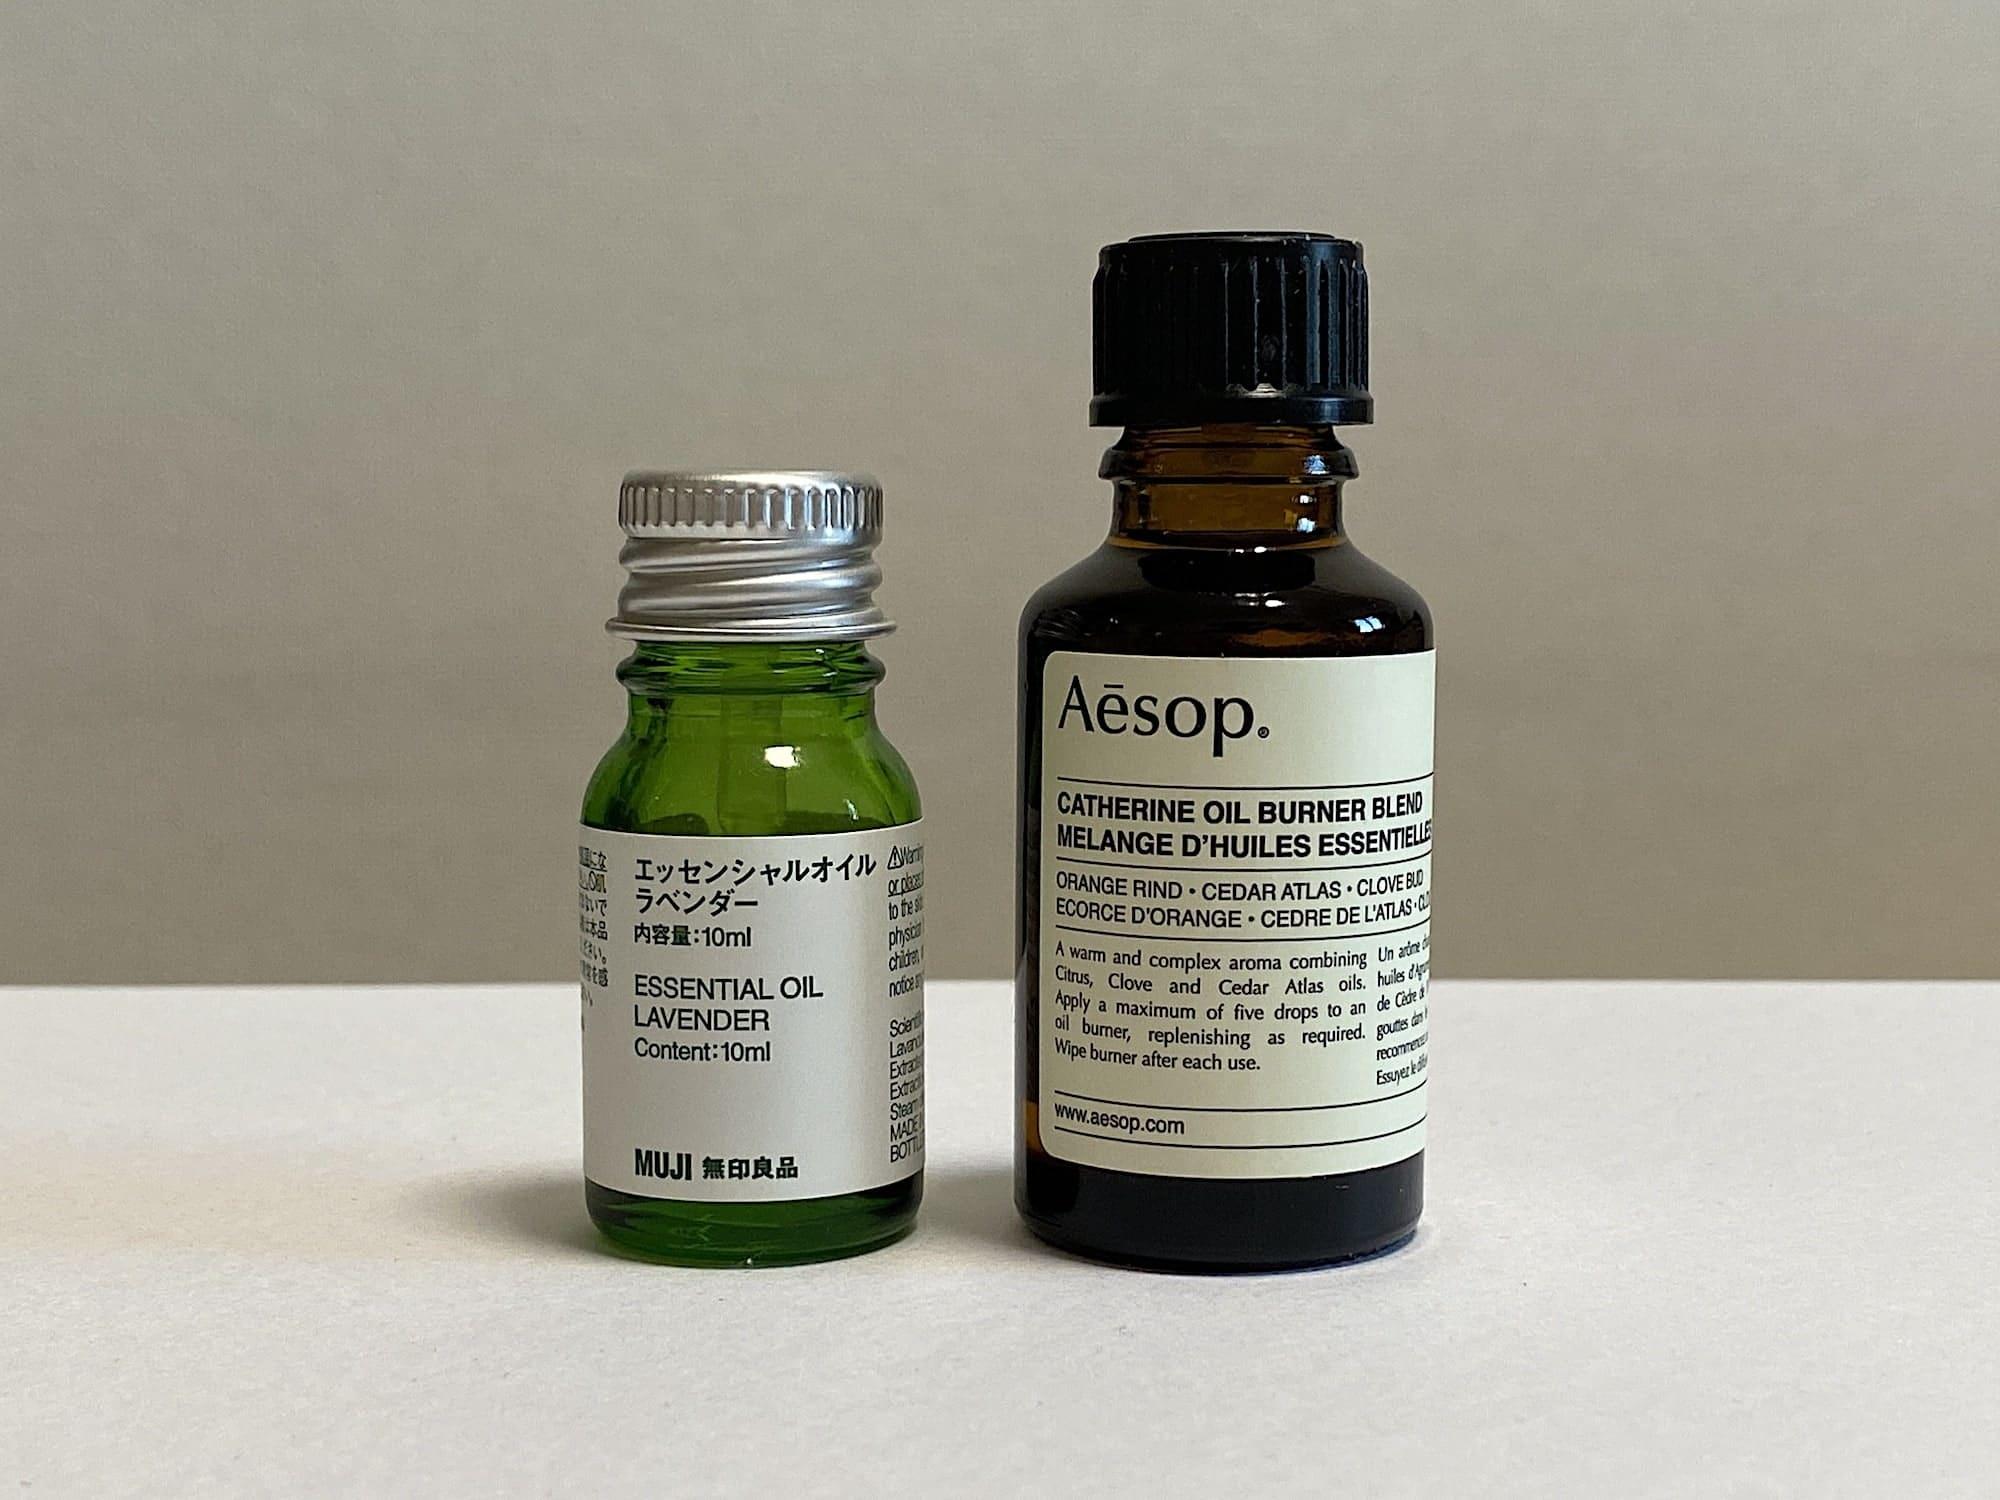 イソップのアロマオイル「カトリーヌ」と無印良品のアロマオイルを比べてみた様子